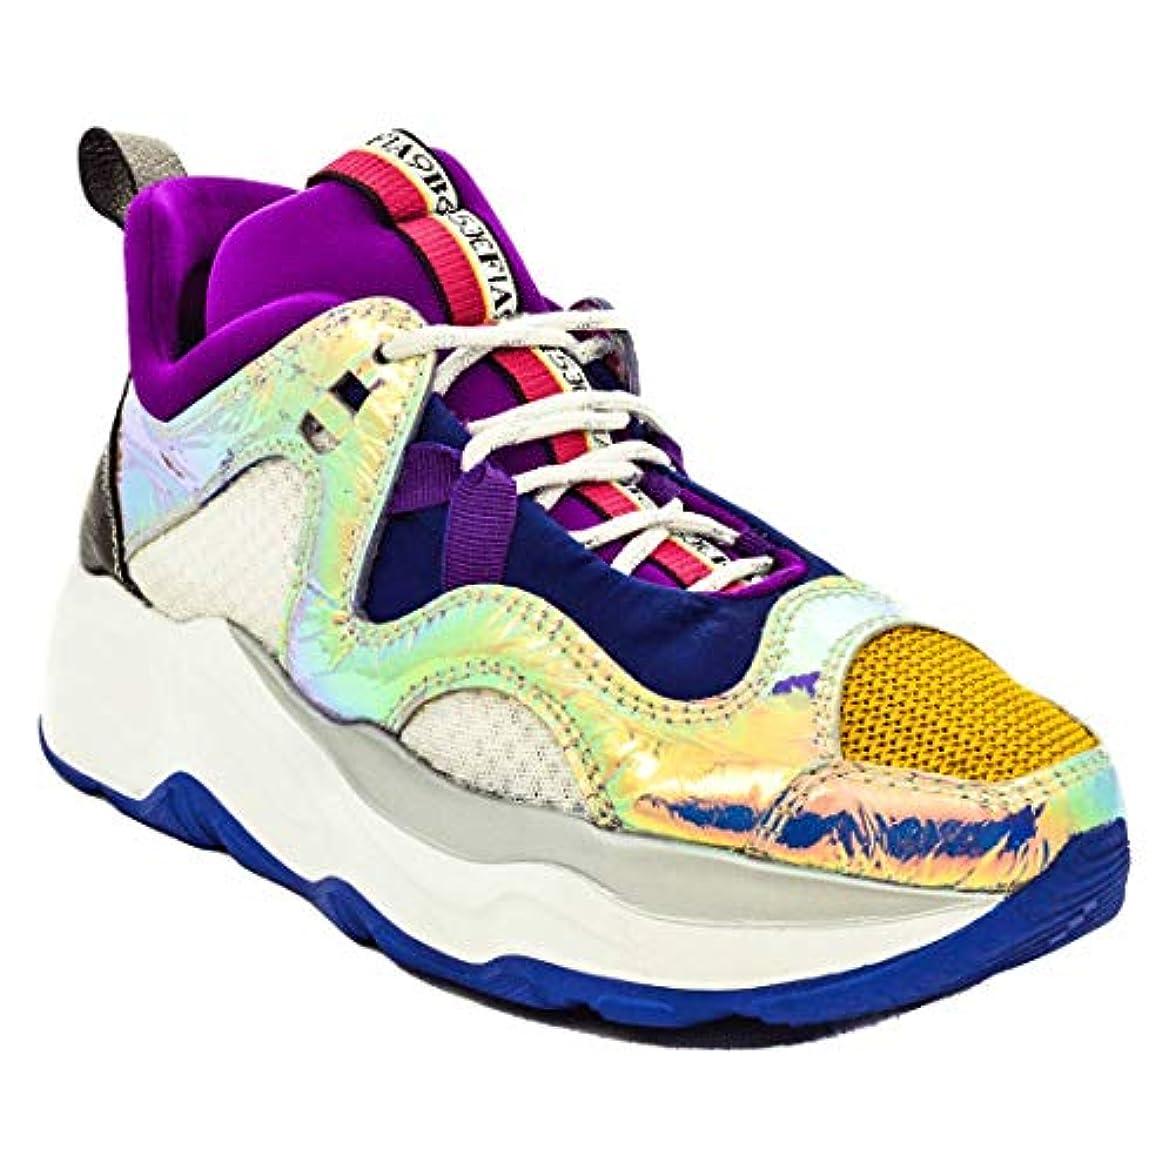 Fabi Lamaxi Fd5908c-8 Sneaker Color